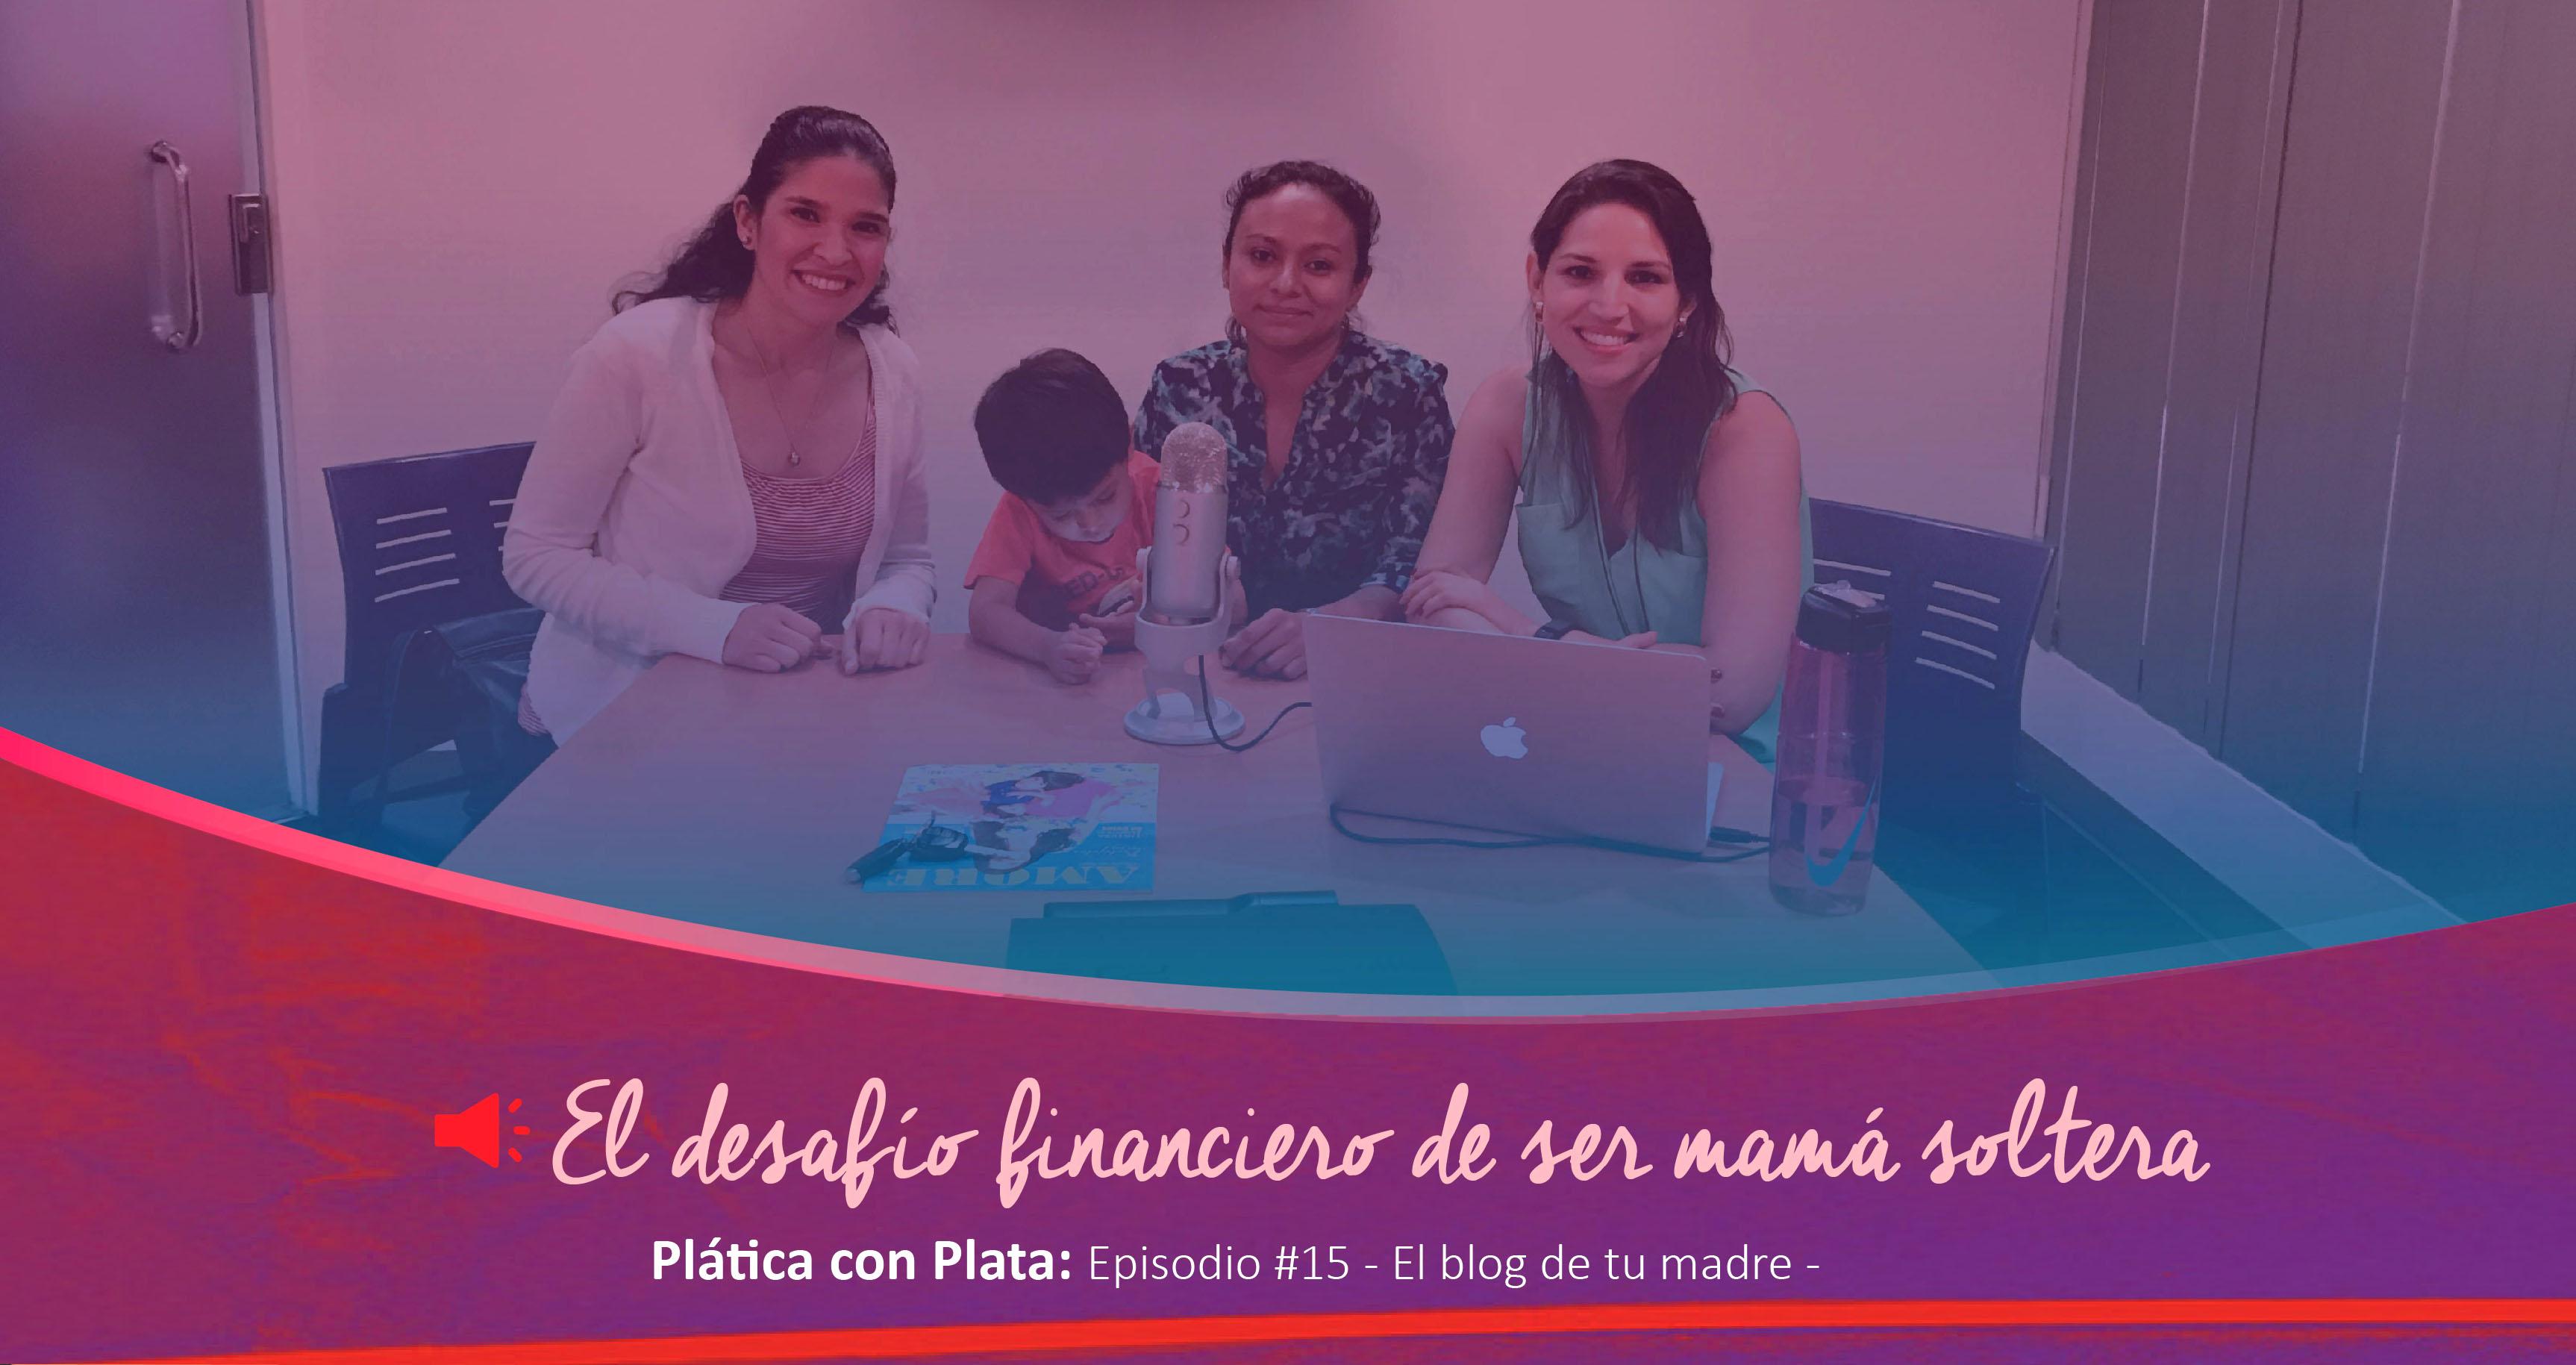 El Blog de tu madre Plática con Plata